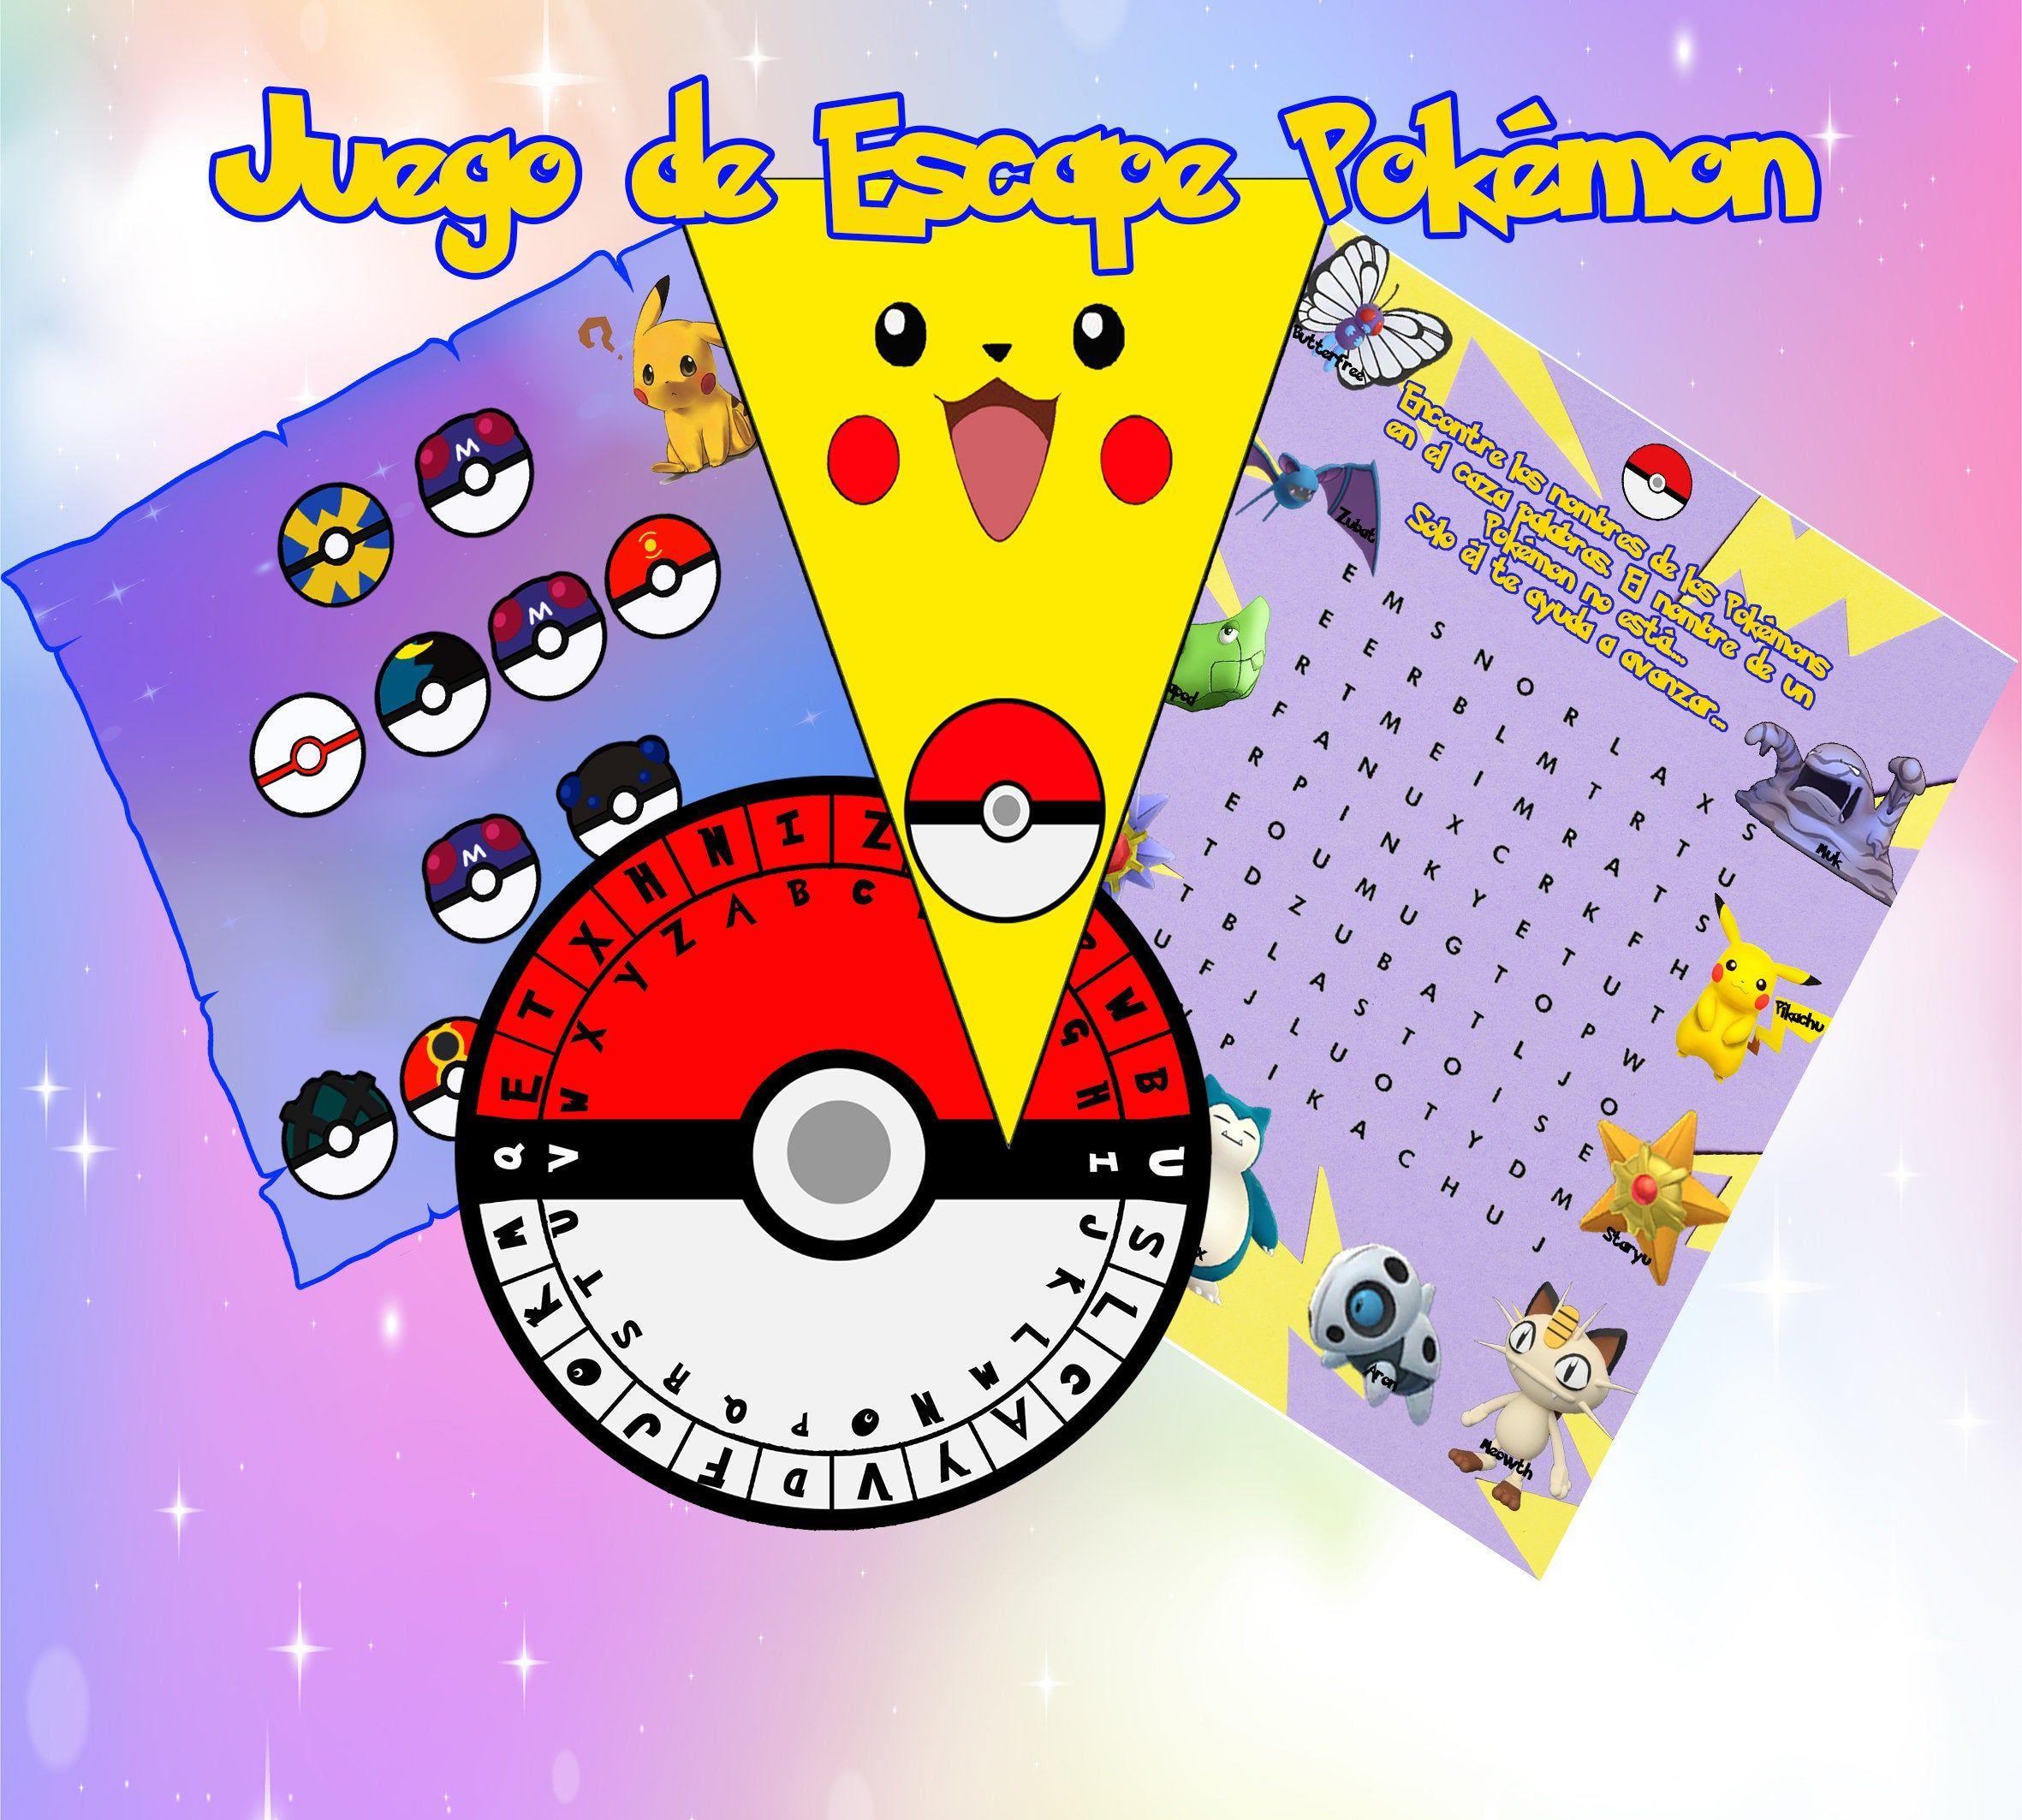 Escape Room Juego Pokemon Go Pikachu Juego En Casa Fiesta De Cumpleaños Para Niños Decoración Juegos Y Sombrero Españo Juegos De Pokemon Pokemon Go Pokemon